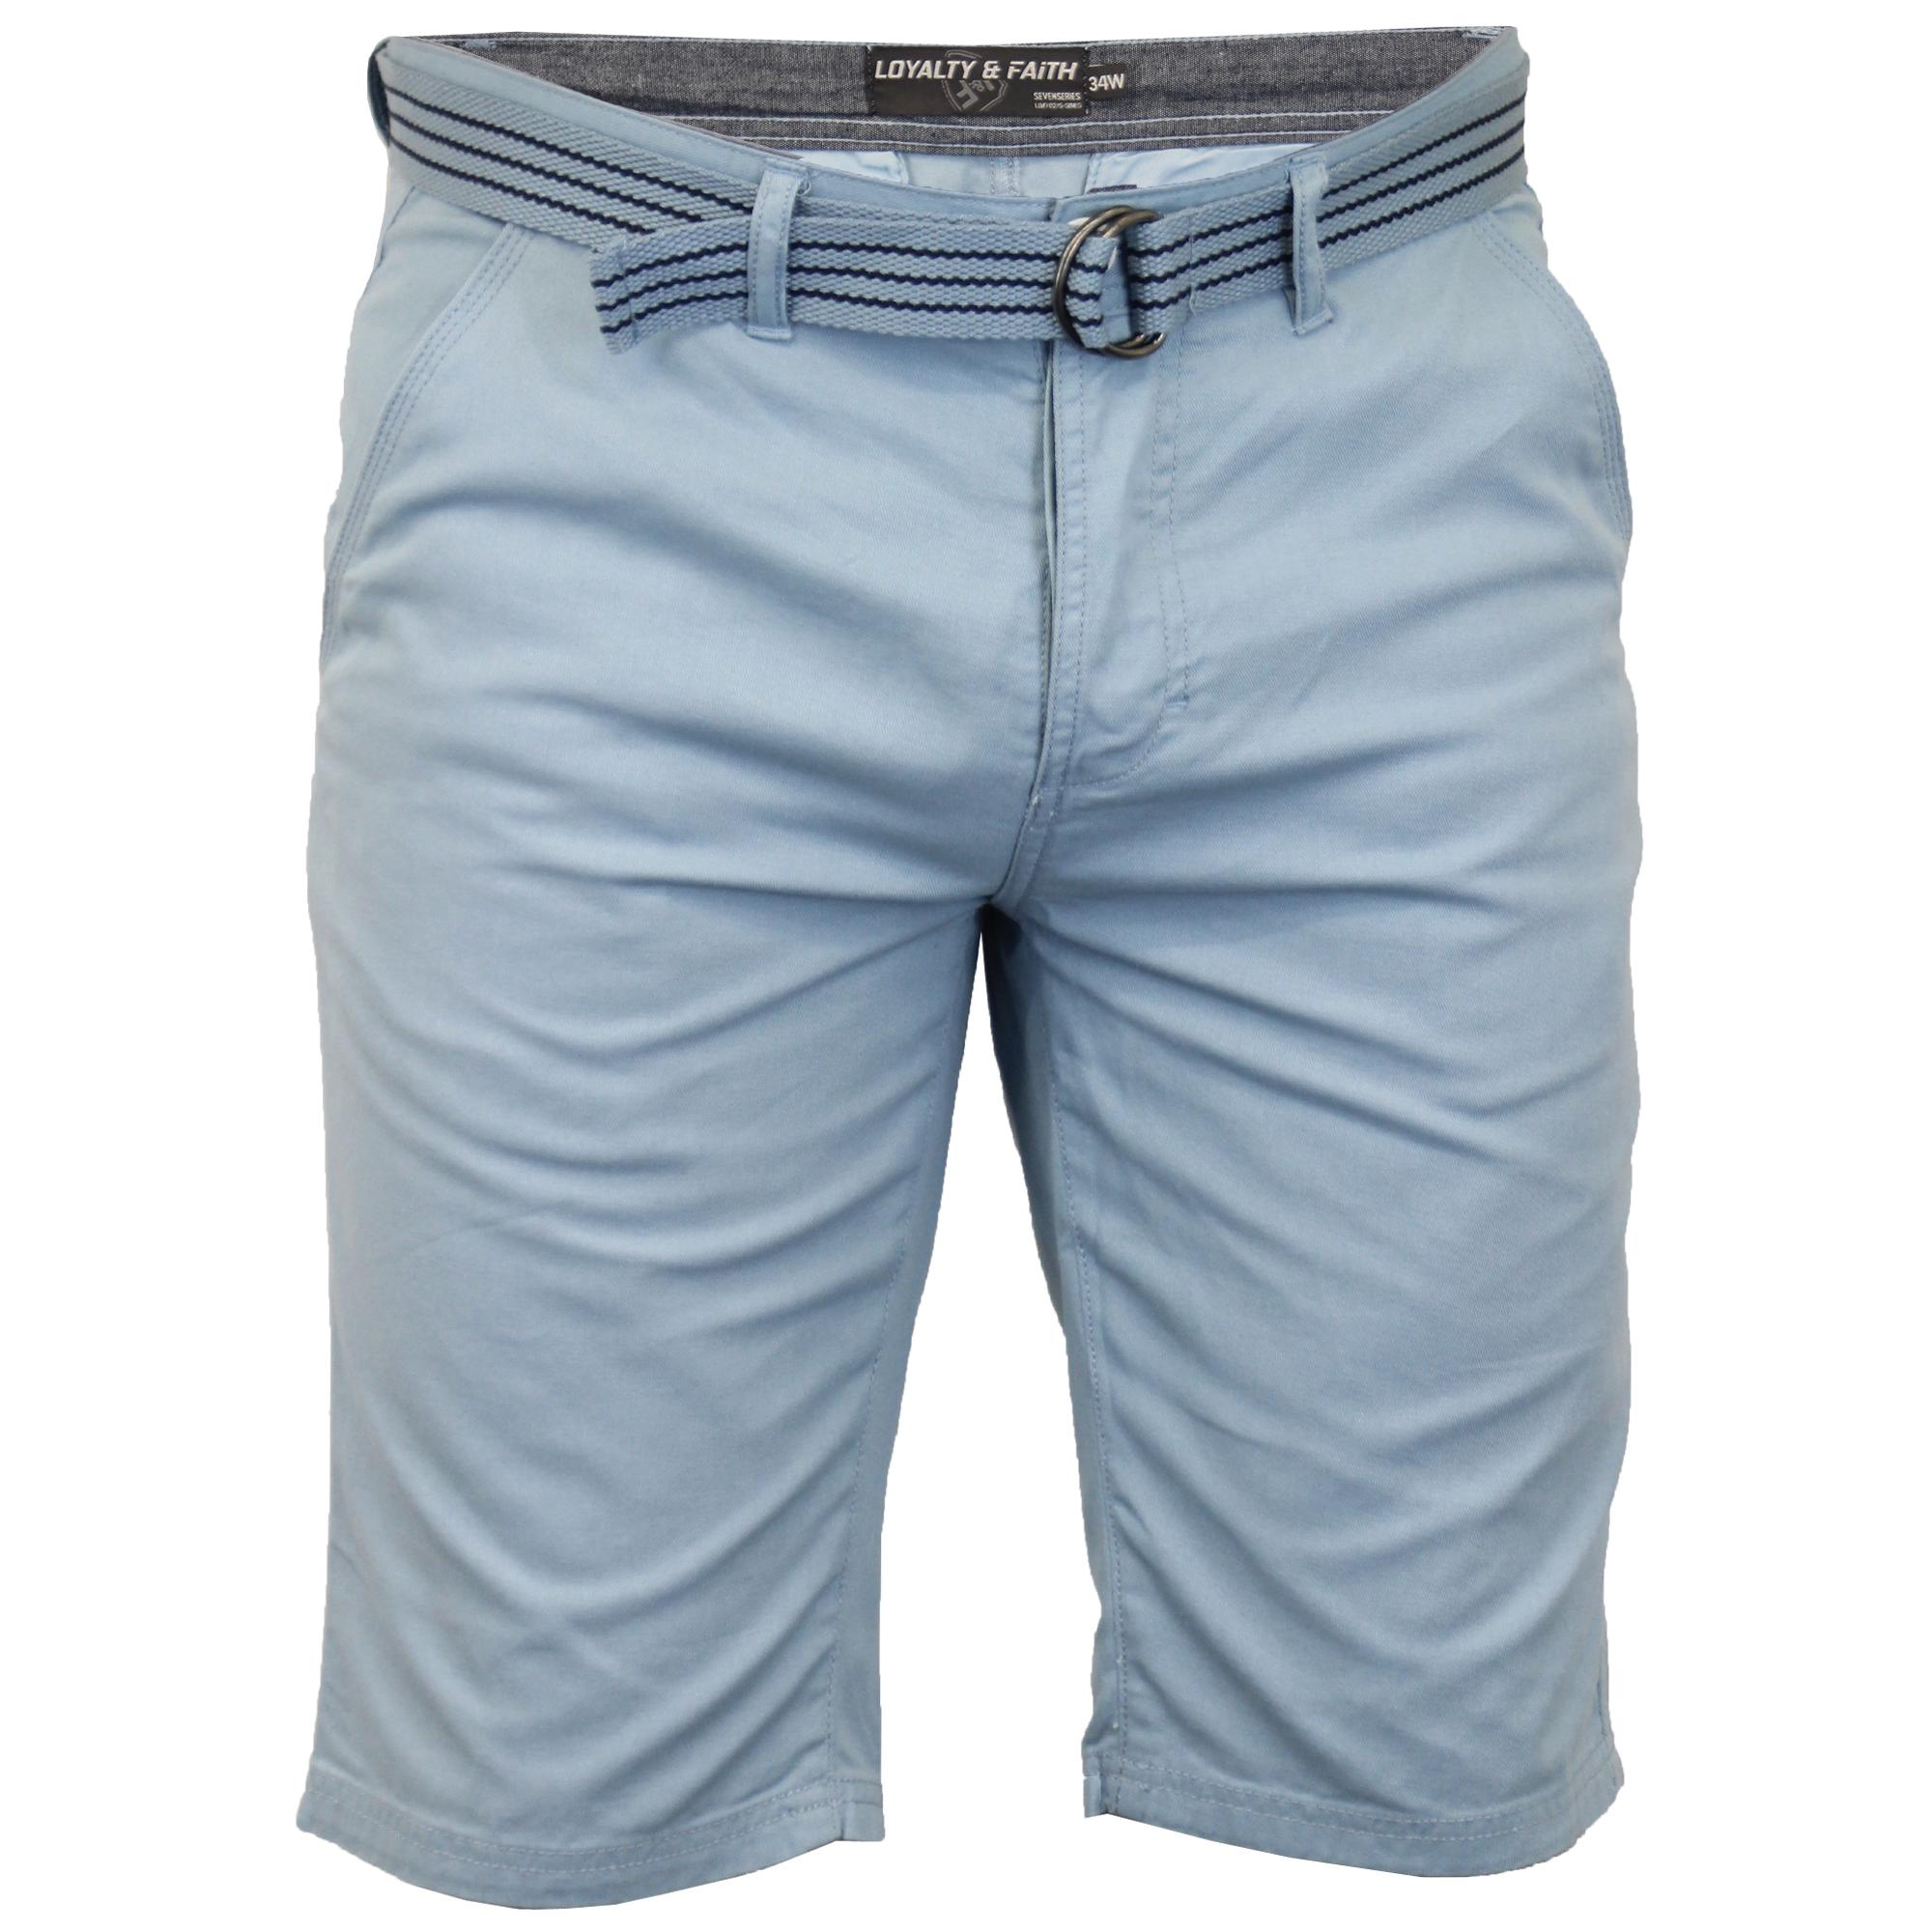 Pantaloncini Chino Da Uomo Logoro cotone Oxford con Cintura LOYALTY /& FAITH sette serie